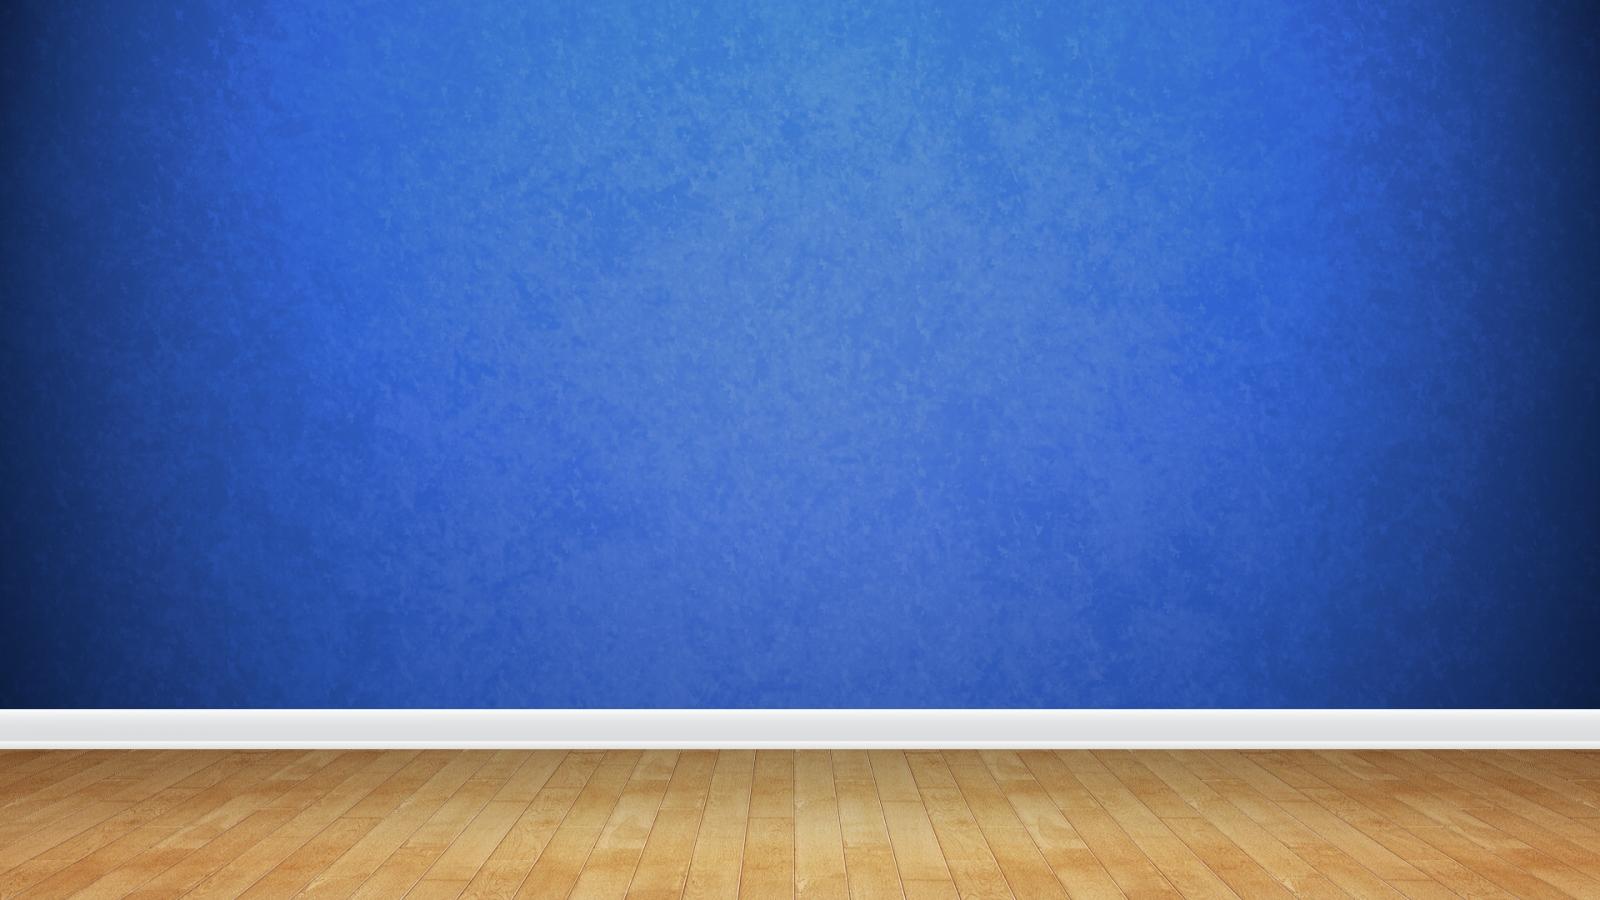 Textura de pared azul - 1600x900